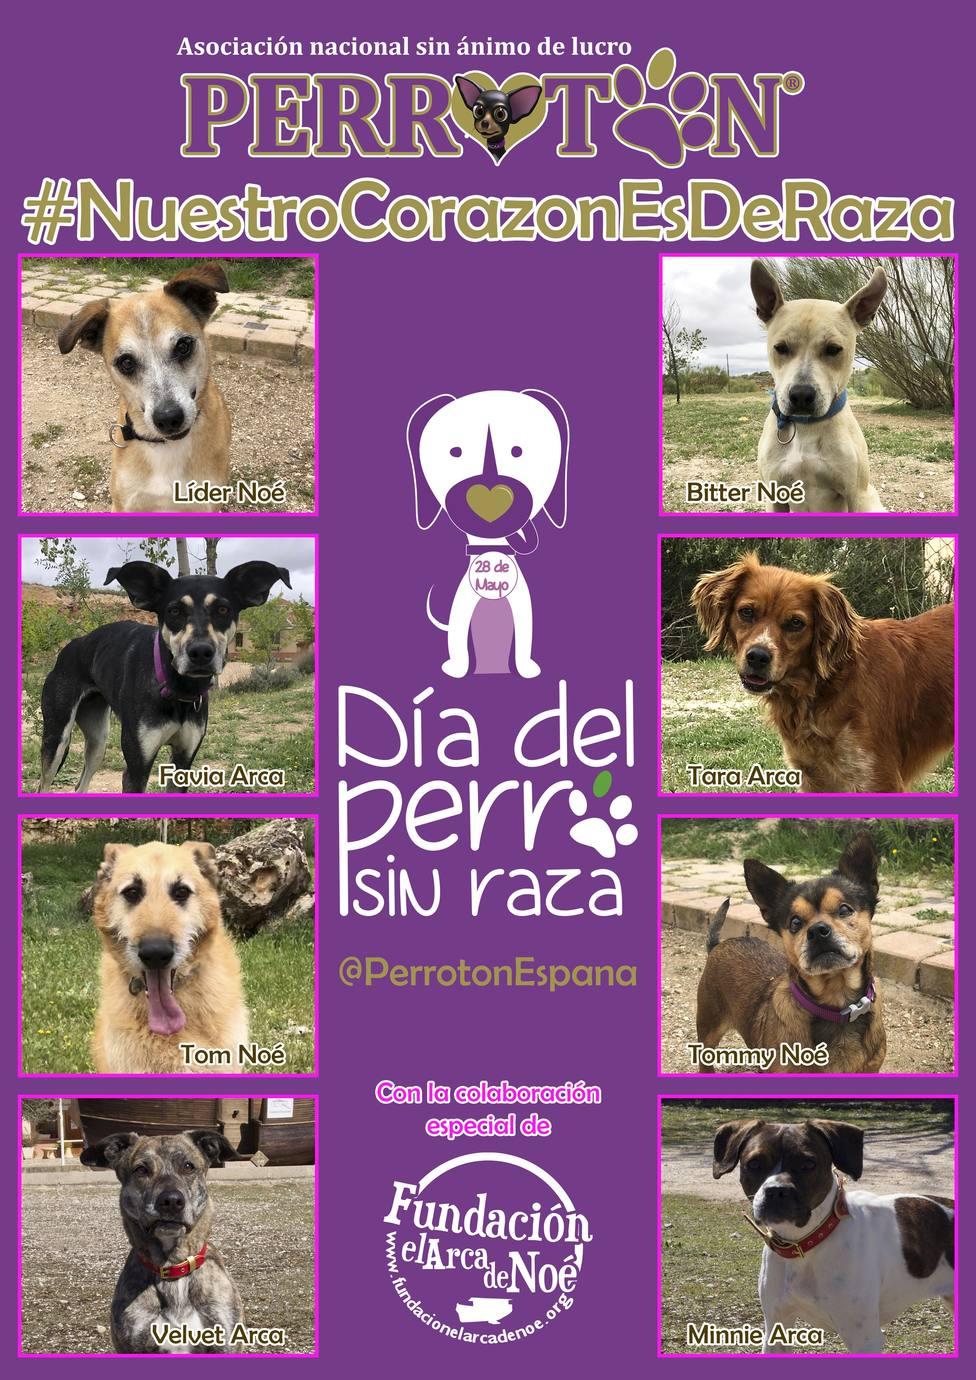 Perrotón lanza una campaña para promover los perros sin raza, más resistentes a enfermedades